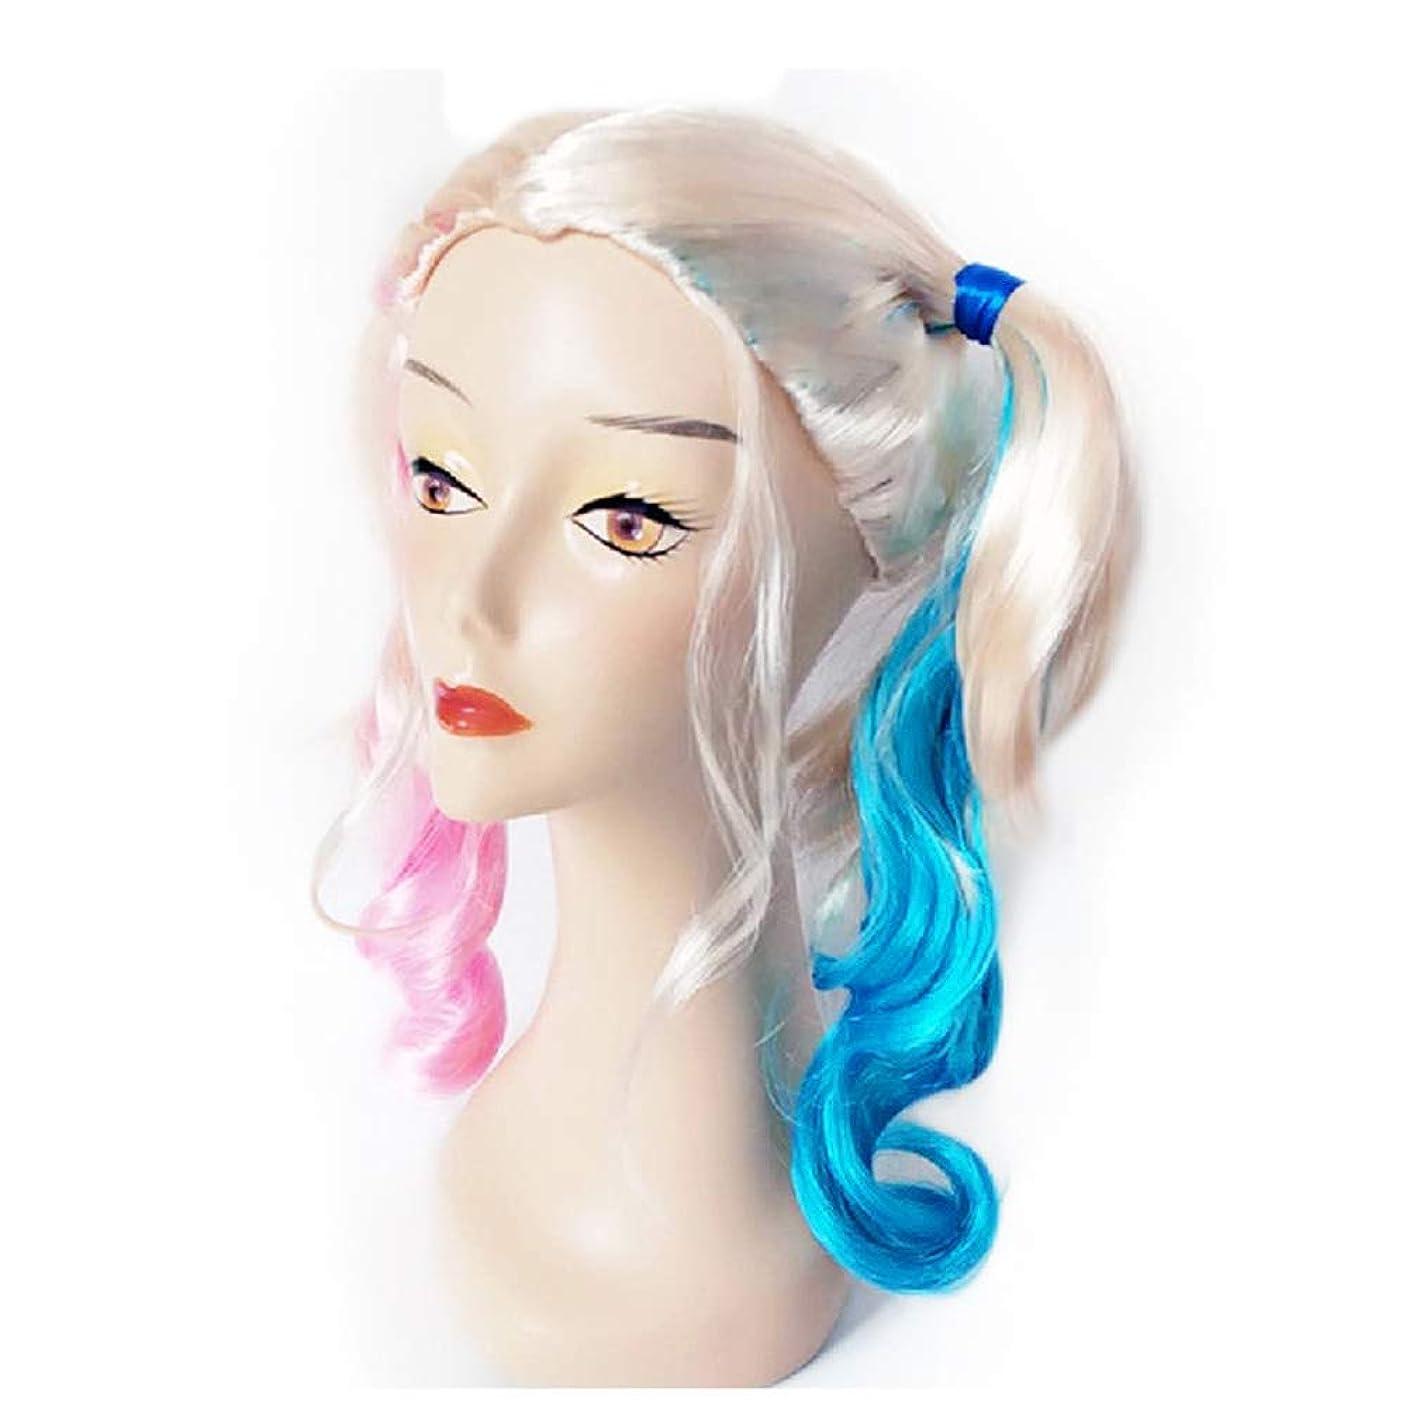 四面体余分な流星女性ピエロウィッグフォームサーカスコミック鼻マスクパーティー用品コスプレ衣装マジックドレスパーティー用品ハロウィントリックパーティーの好意